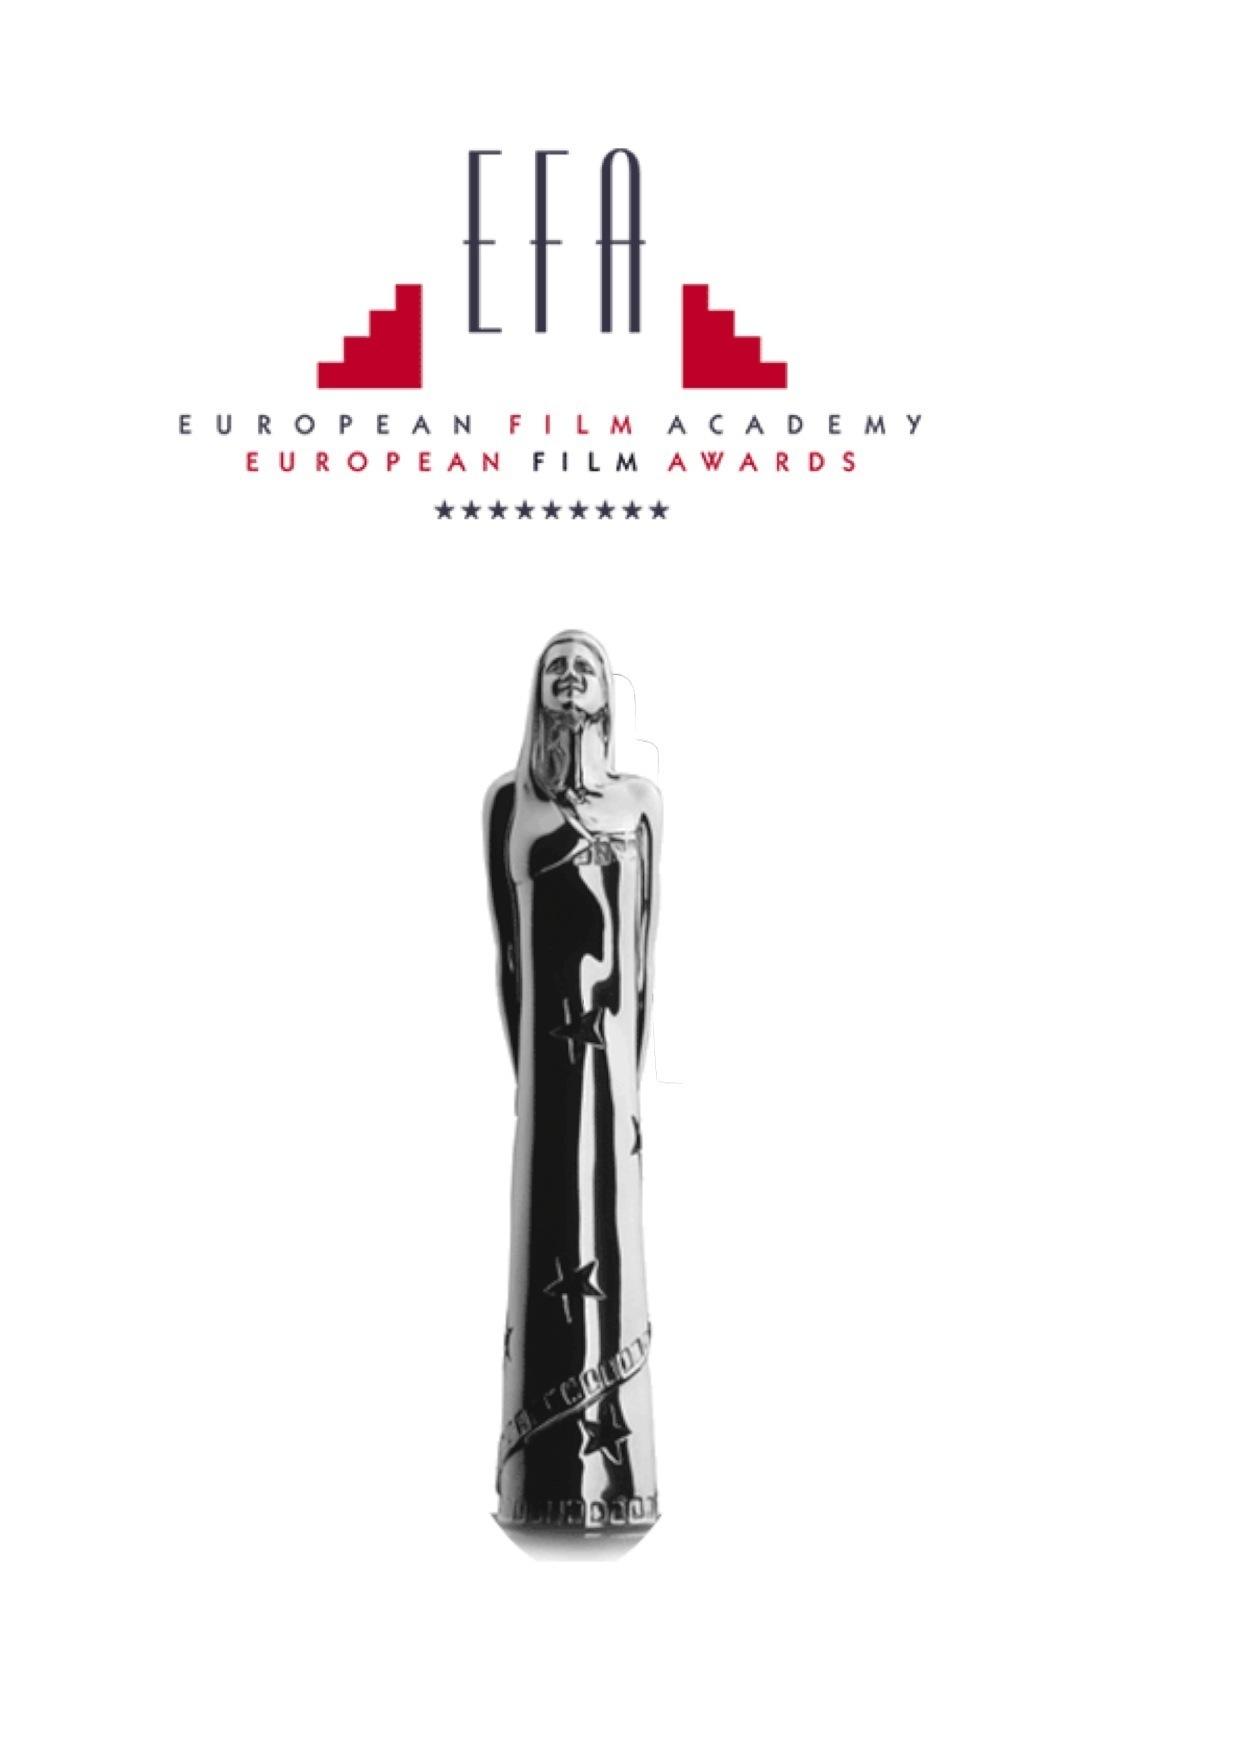 Affiche officielle de la cérémonie des films européens